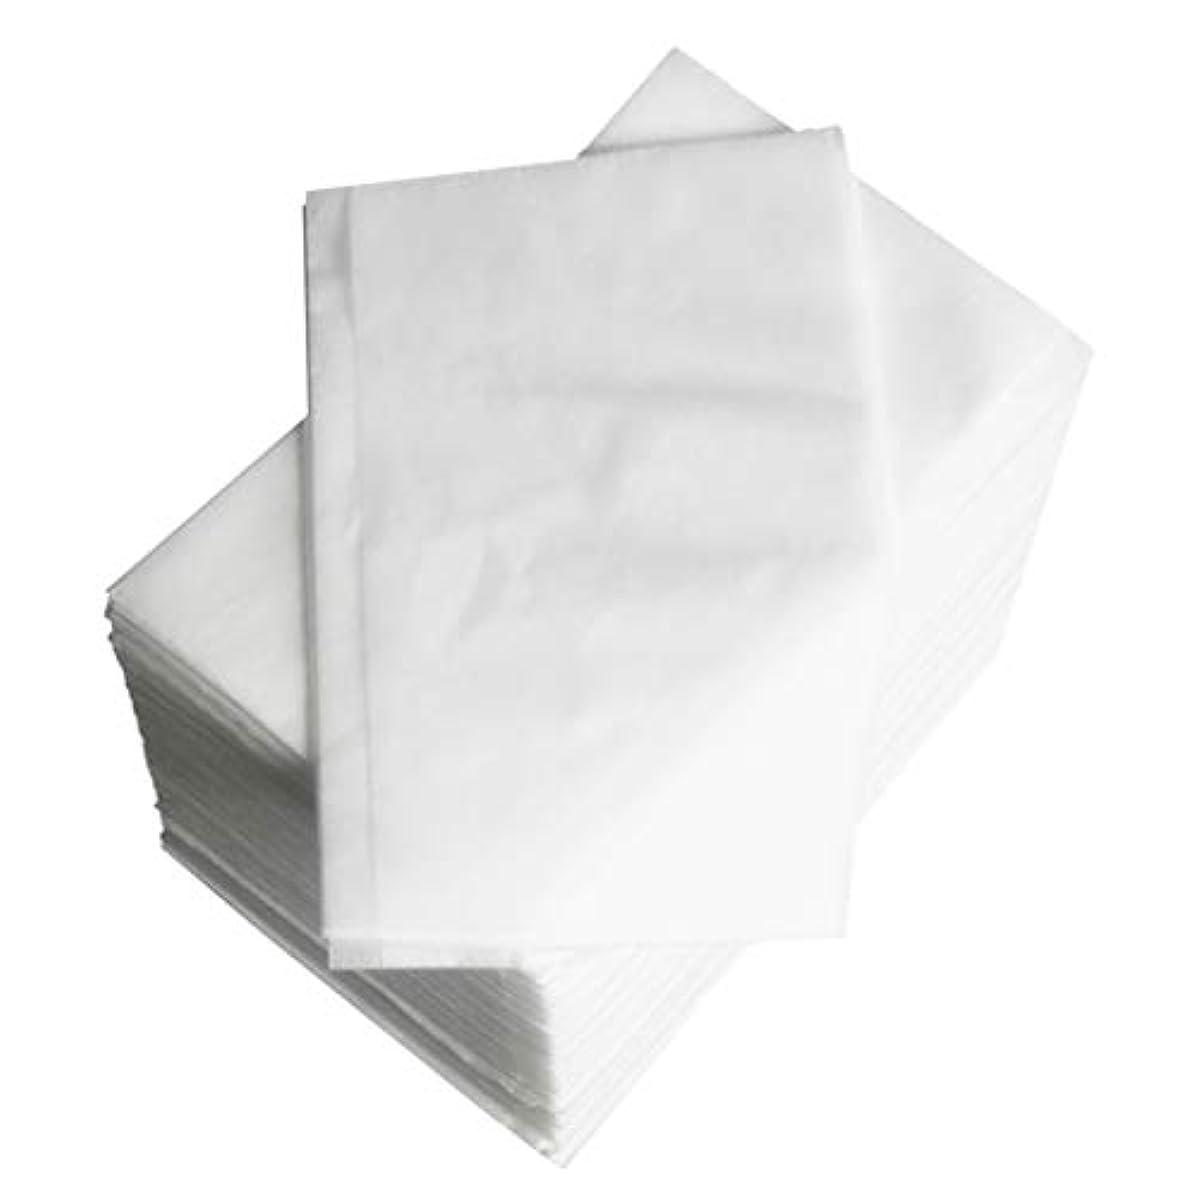 せがむアイドル山積みのchiwanji マッサージ テーブルカバー使い捨て 約100個入り 全2カラー - 白